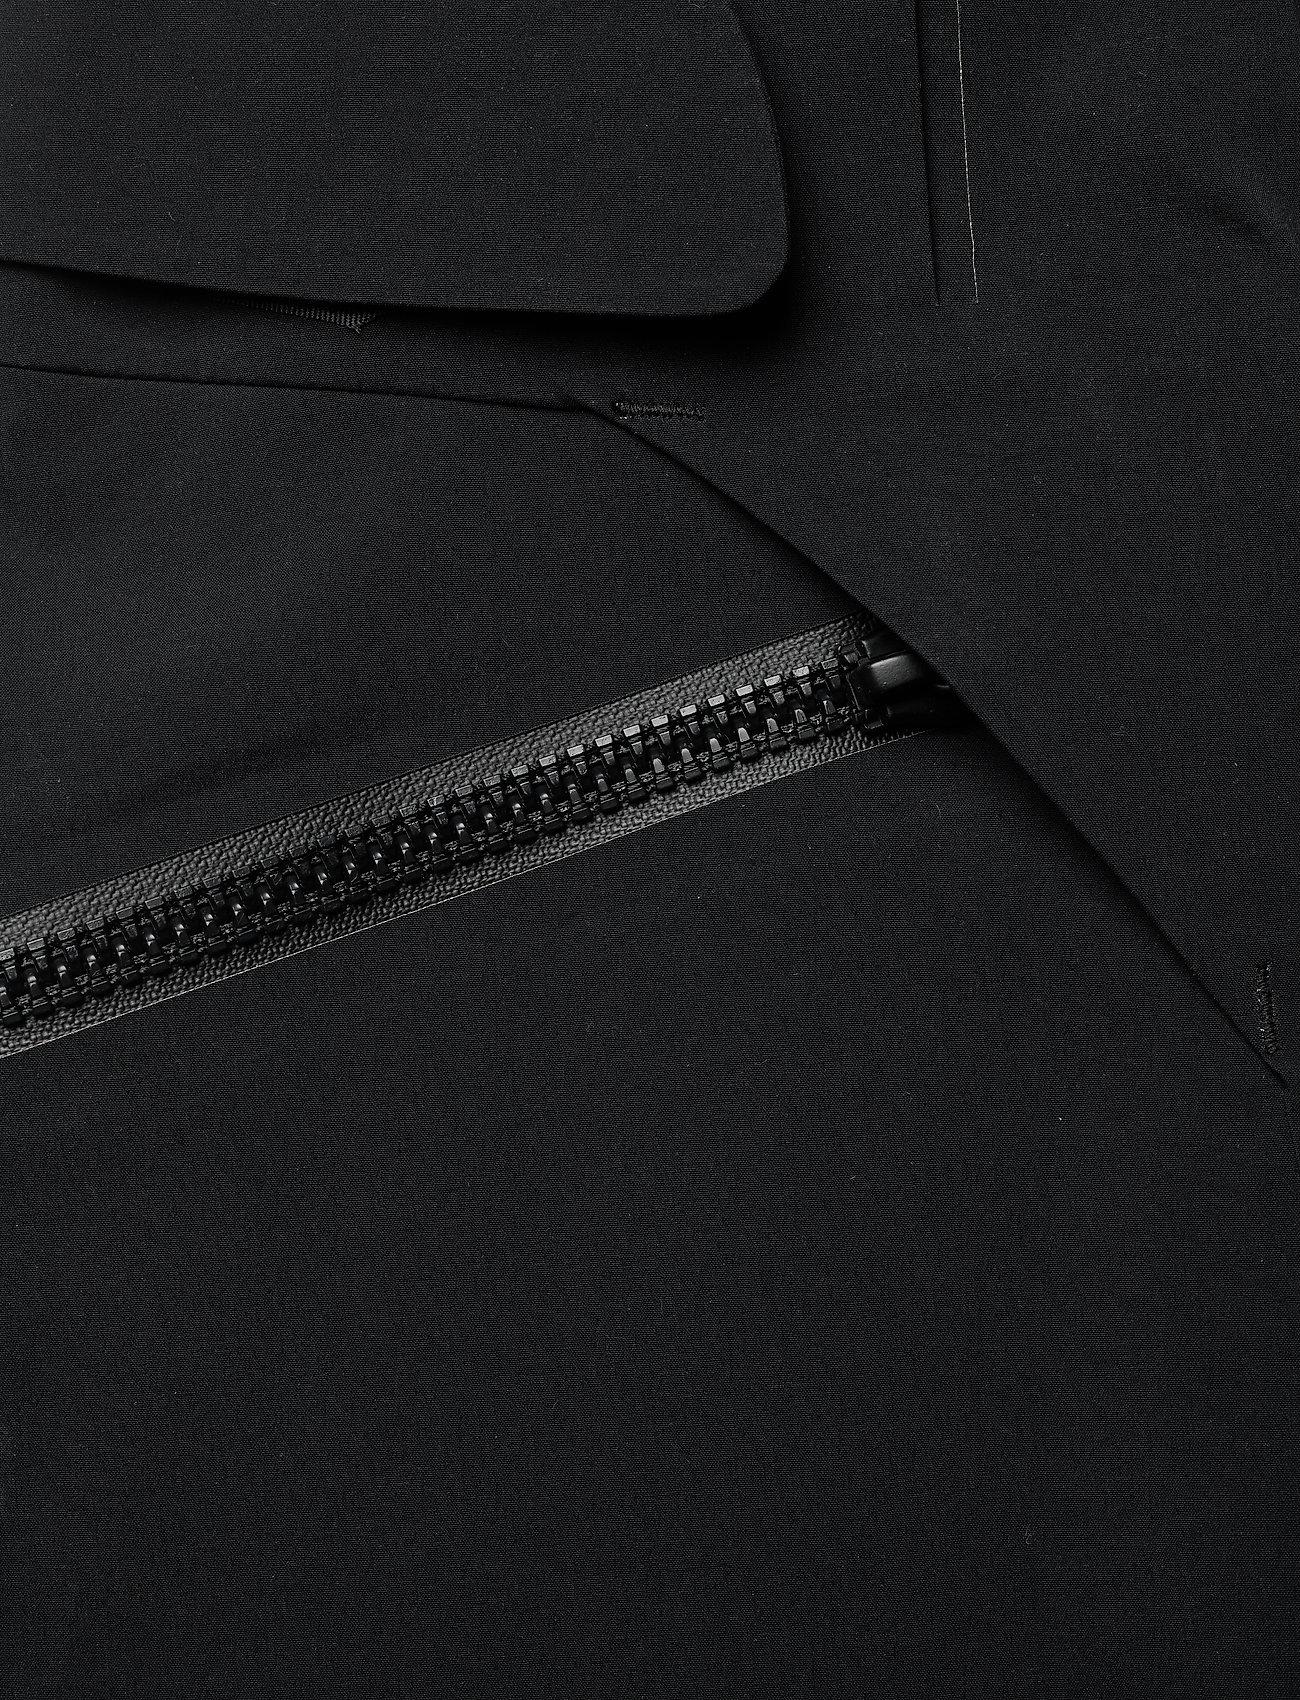 Hima (Black) (350 €) - Tenson v6Pj8